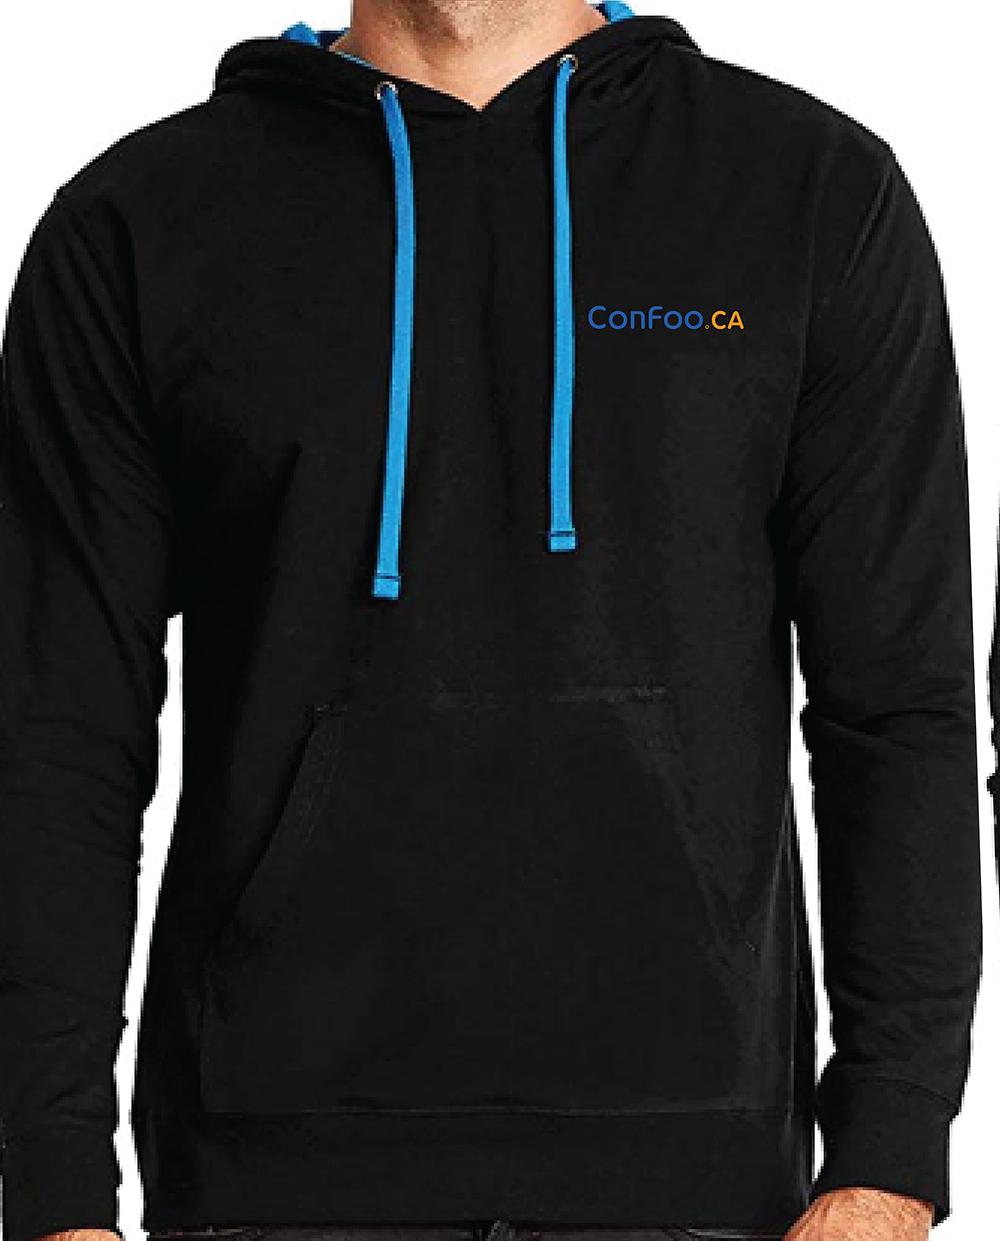 ConFoo: Be a 10X developer lightweight Hoodie